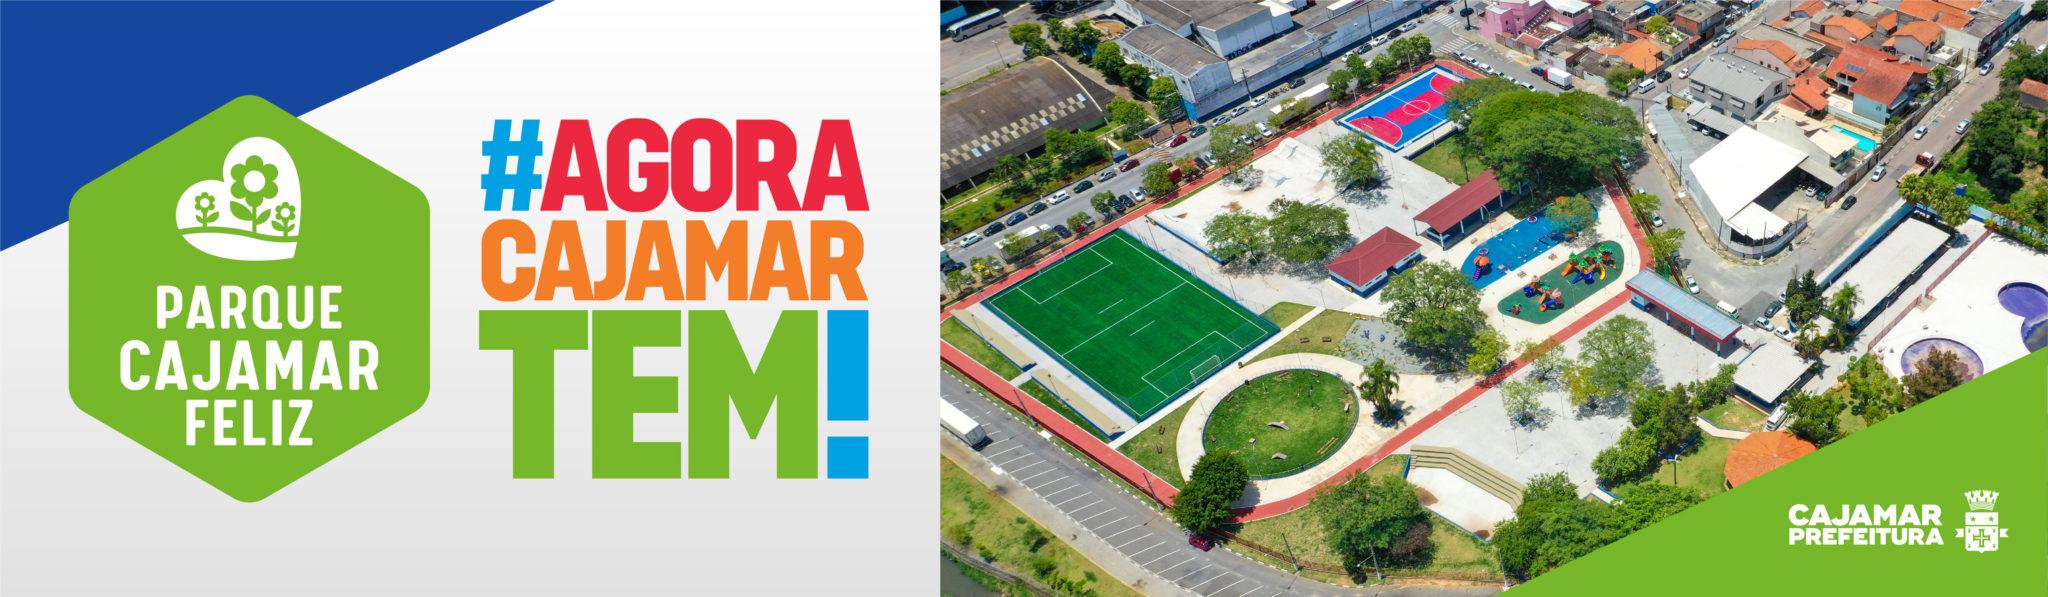 Parque Cajamar Feliz 1